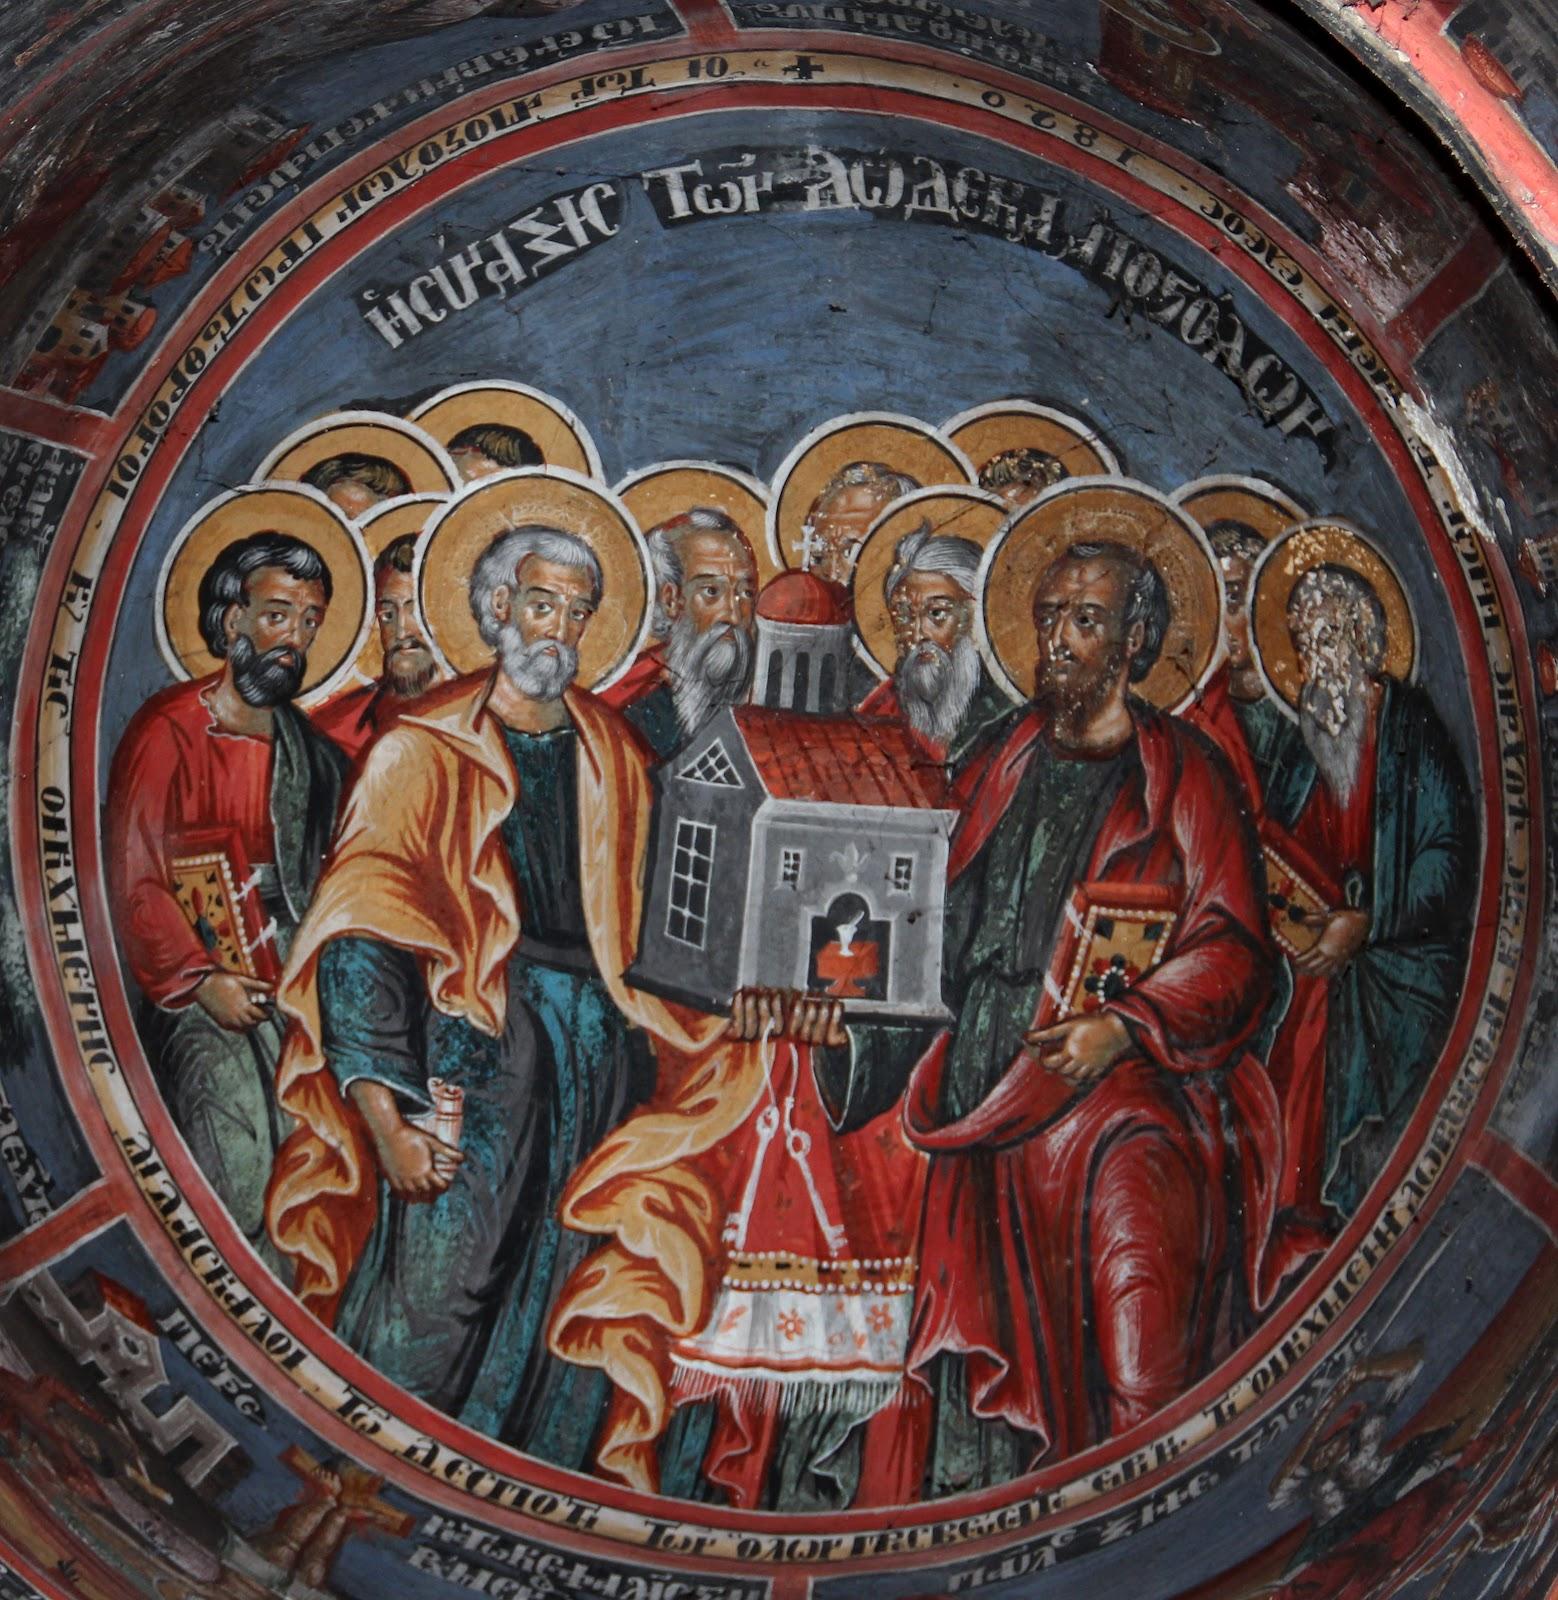 Σύναξη των αγίων, ενδόξων και πανευφήμων Αποστόλων